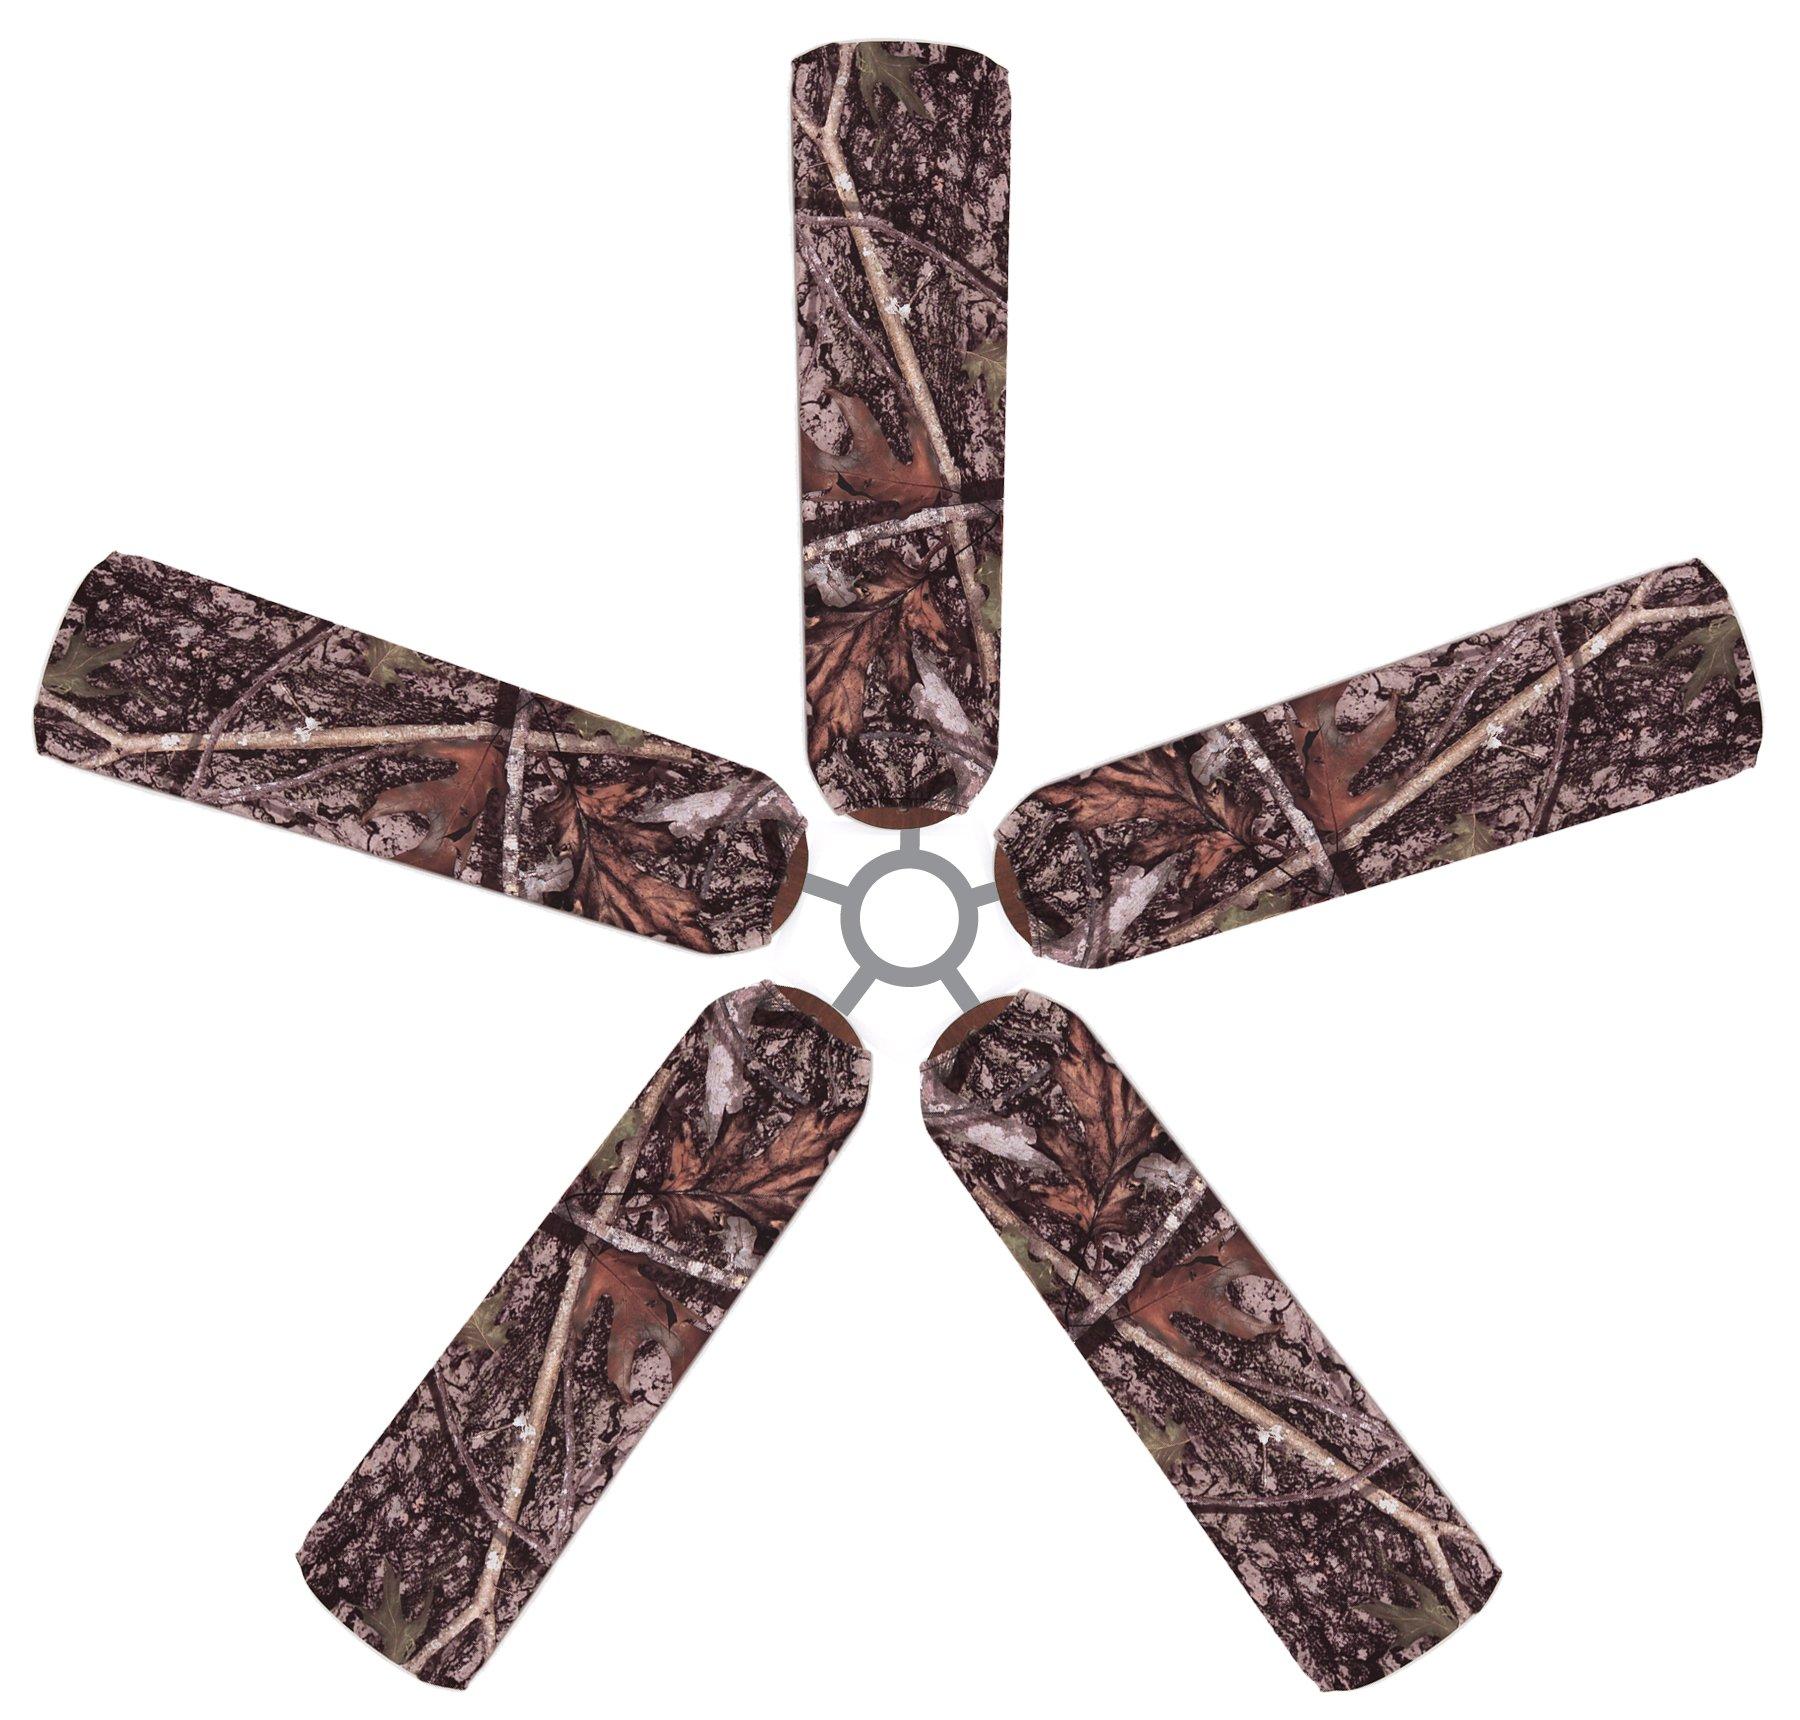 Fan Blade Designs True Timber Camo Ceiling Fan Blade Covers